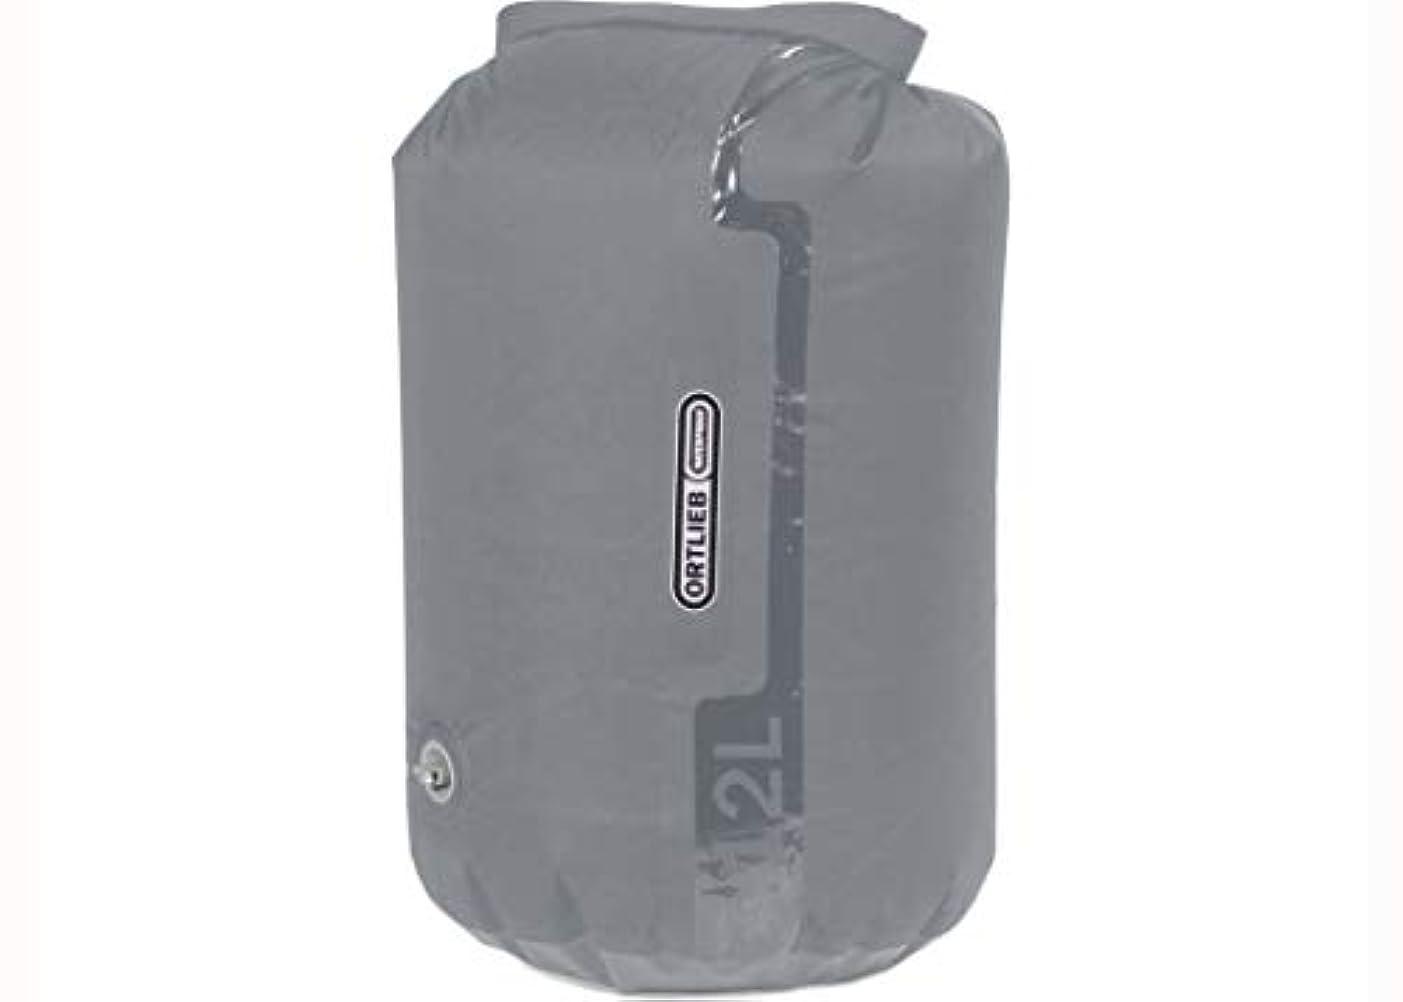 飢ラテンリンクORTLIEB(オルトリーブ) ドライバッグ PS10 バルブ付/22L [ライトグレー] K2233